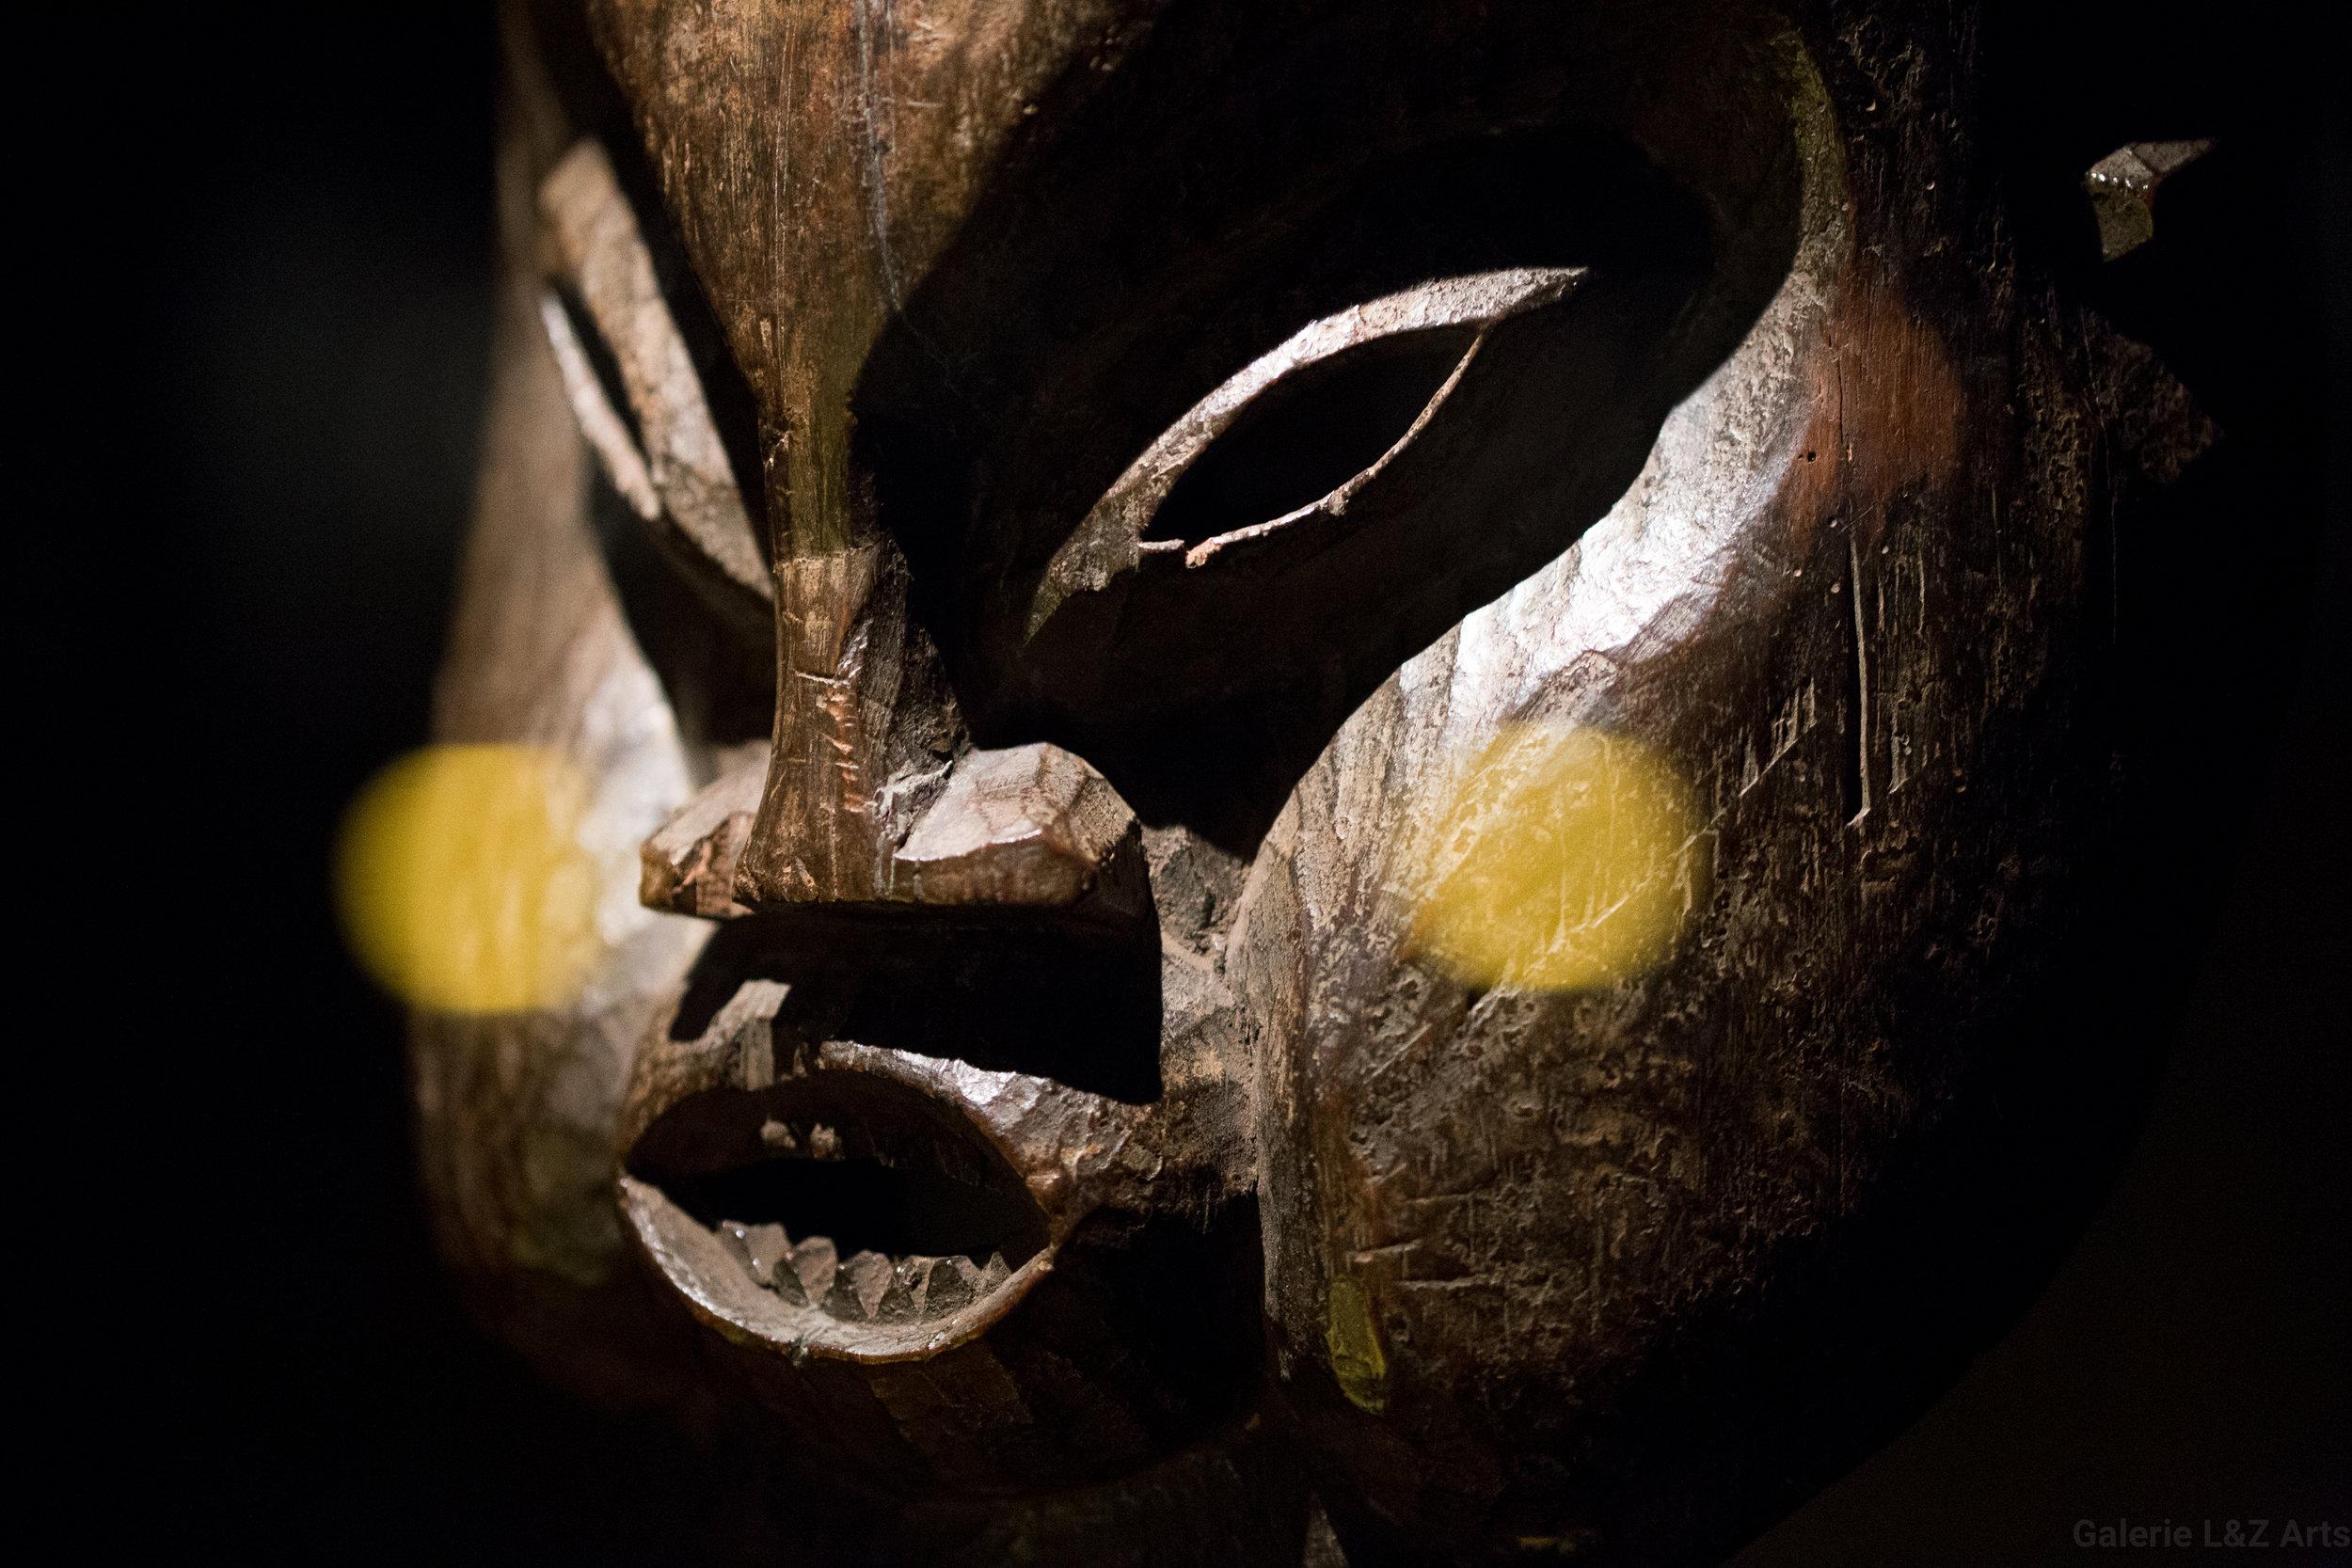 exposition-masque-art-tribal-africain-musee-quai-branly-belgique-galerie-lz-arts-liege-cite-miroir-oceanie-asie-japon-amerique-art-premier-nepal-6.jpg